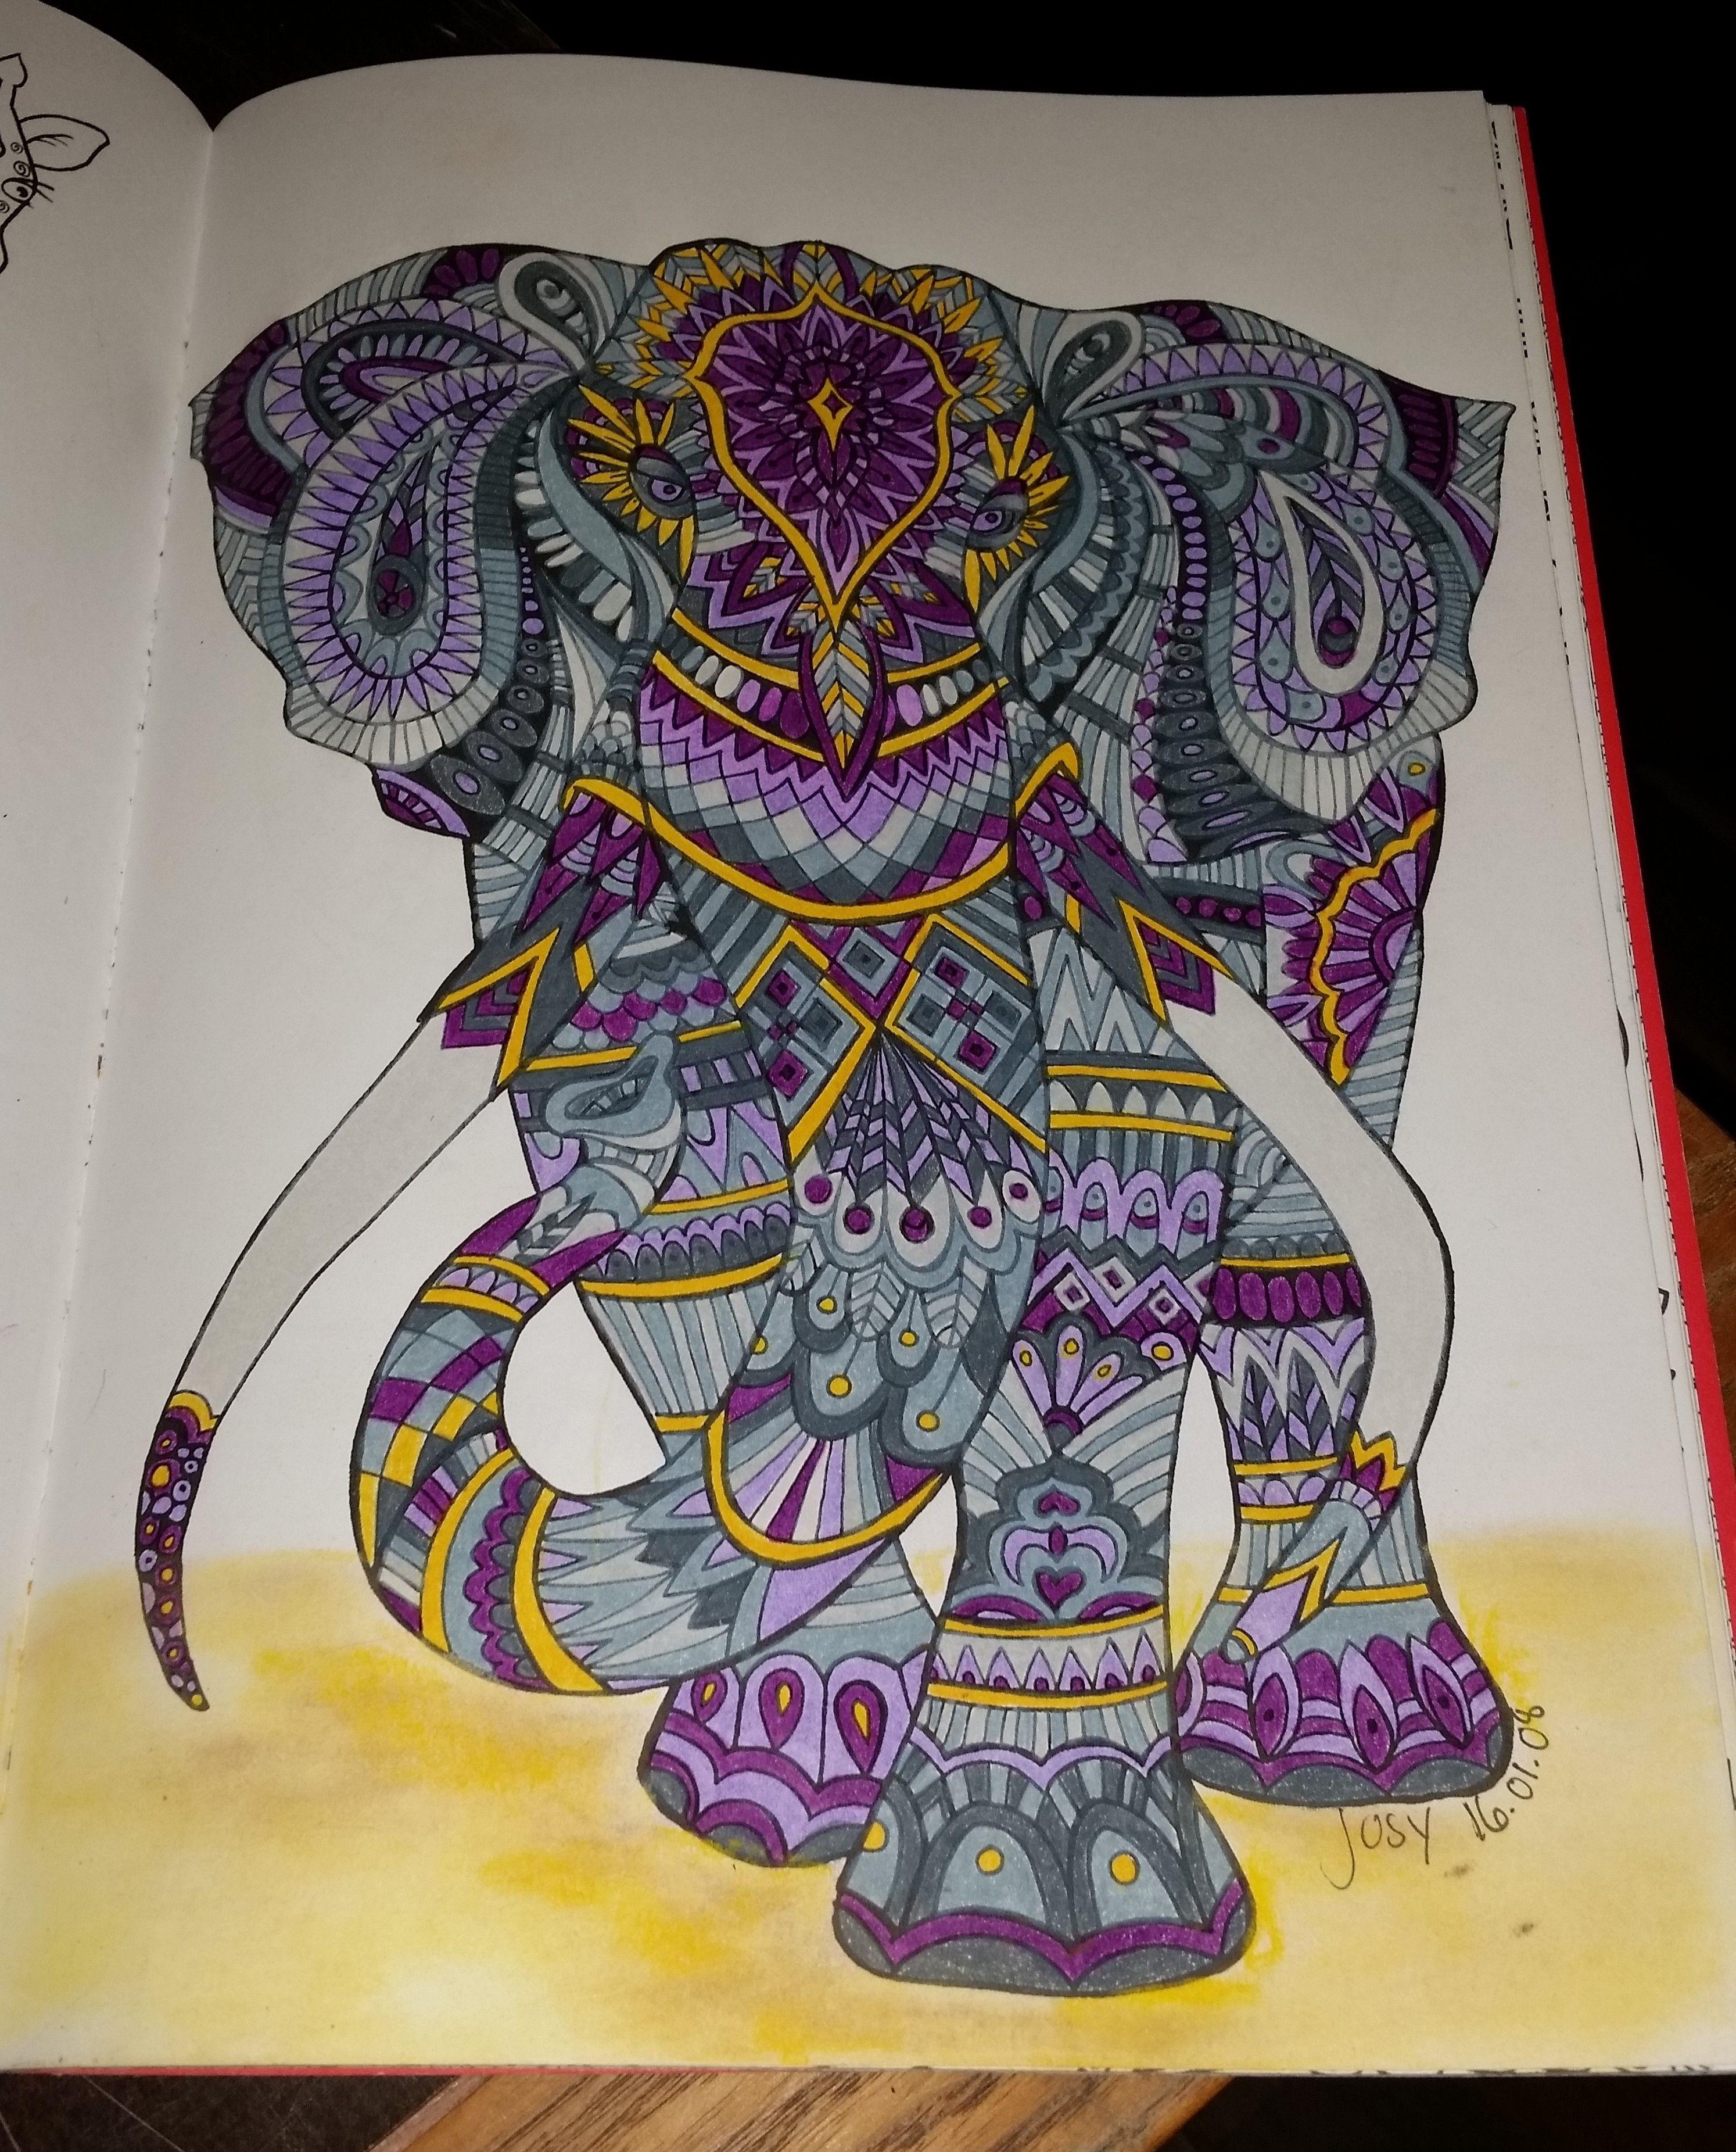 du livre bestiaire extraordianire 100 coloriages anti stress de hachette art thrapie - Coloriage Anti Stress Hachette